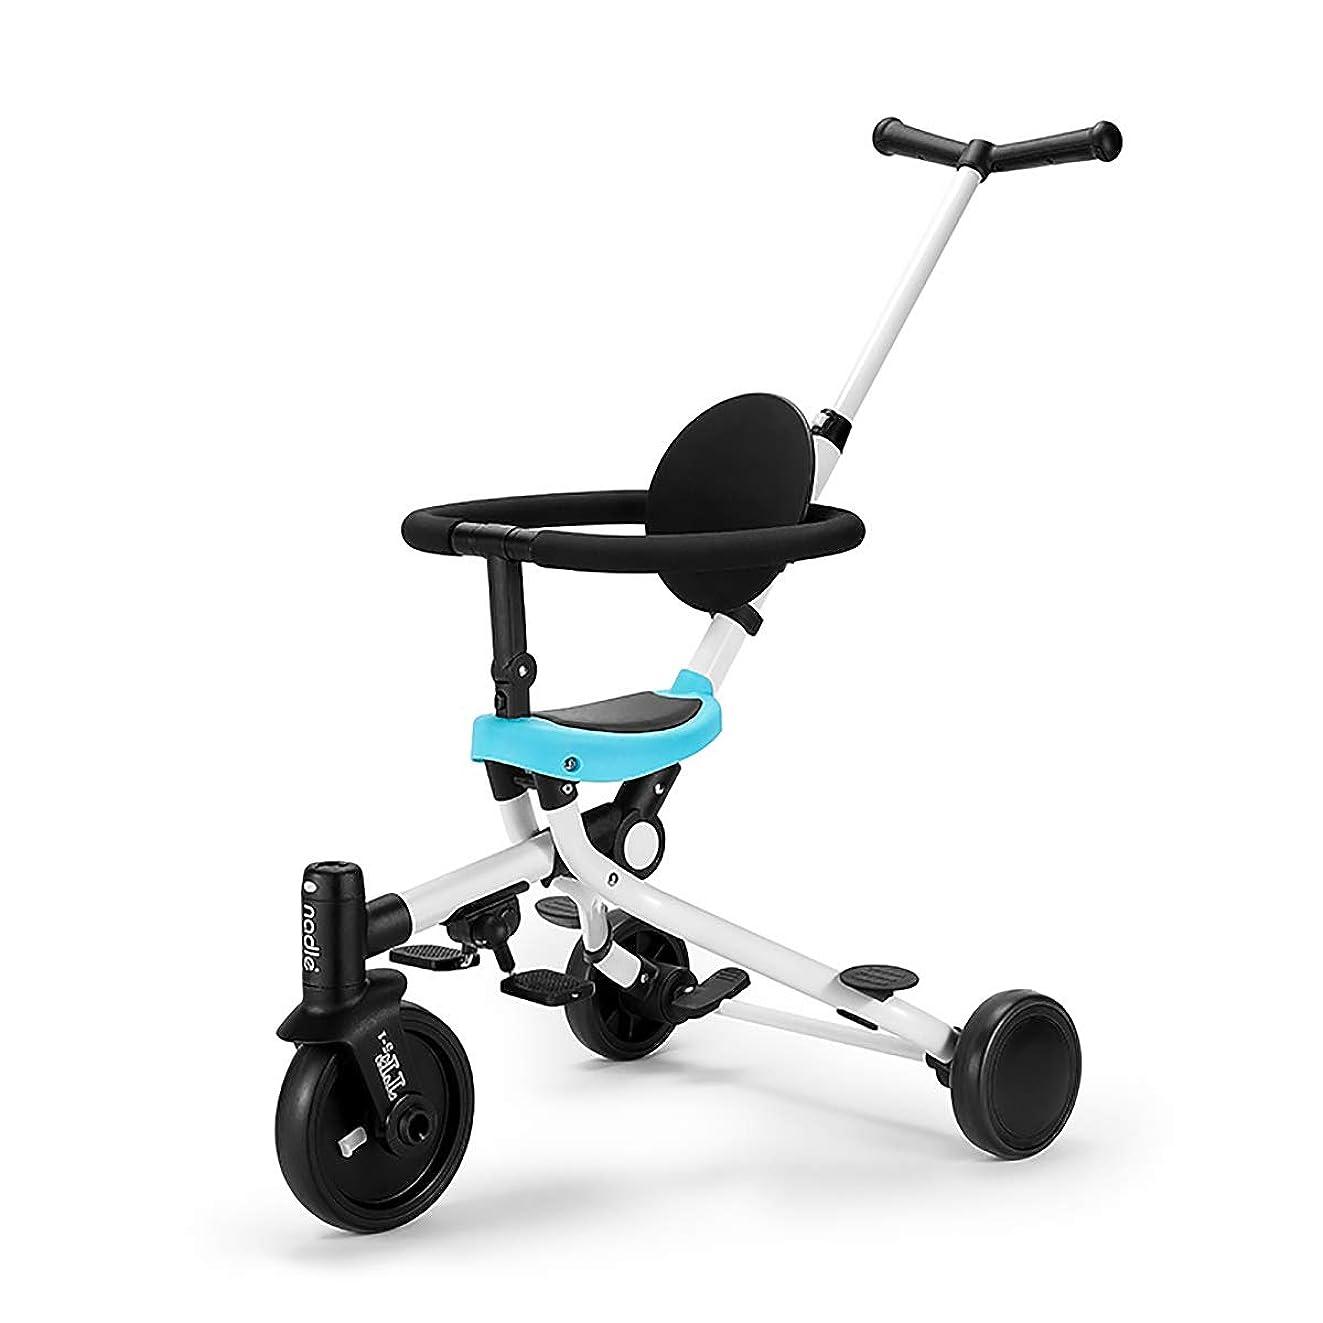 納得させる料理をする伝統的2年保証 子供三輪車 舵取り 棒 三輪車 2 歳 3 歳 三輪車 折りたたみ かじとり 補助 付き 人気 回転式 一台四役 幼児用トライク12ヶ月から6歳まで使 手押し棒付き お出かけ 乗用玩具 子供 用 三輪 自転車